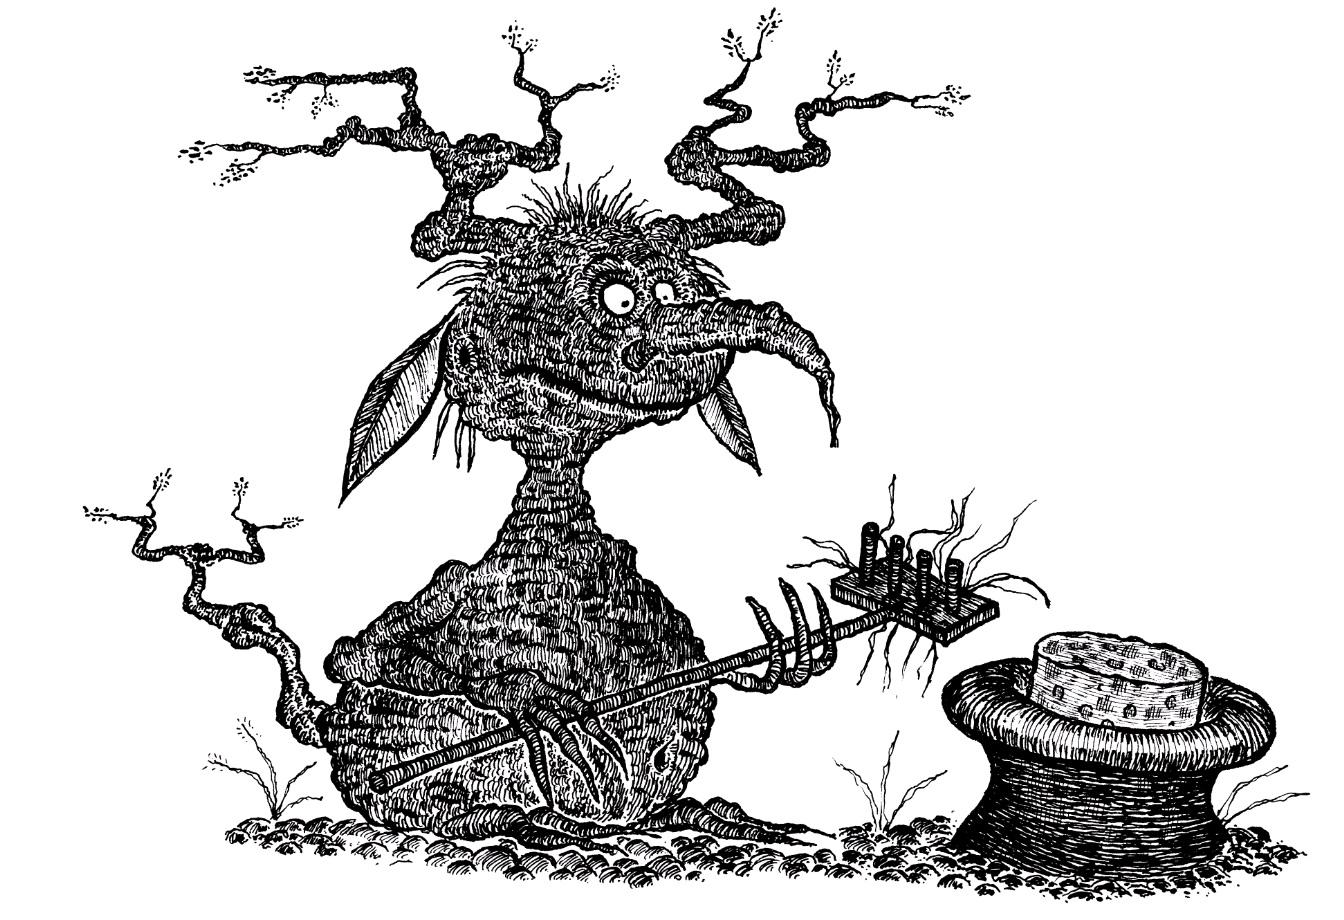 Вальтер Моэрс «Мастер ужасок» — тёмное фэнтези под видом сказки для взрослых 1